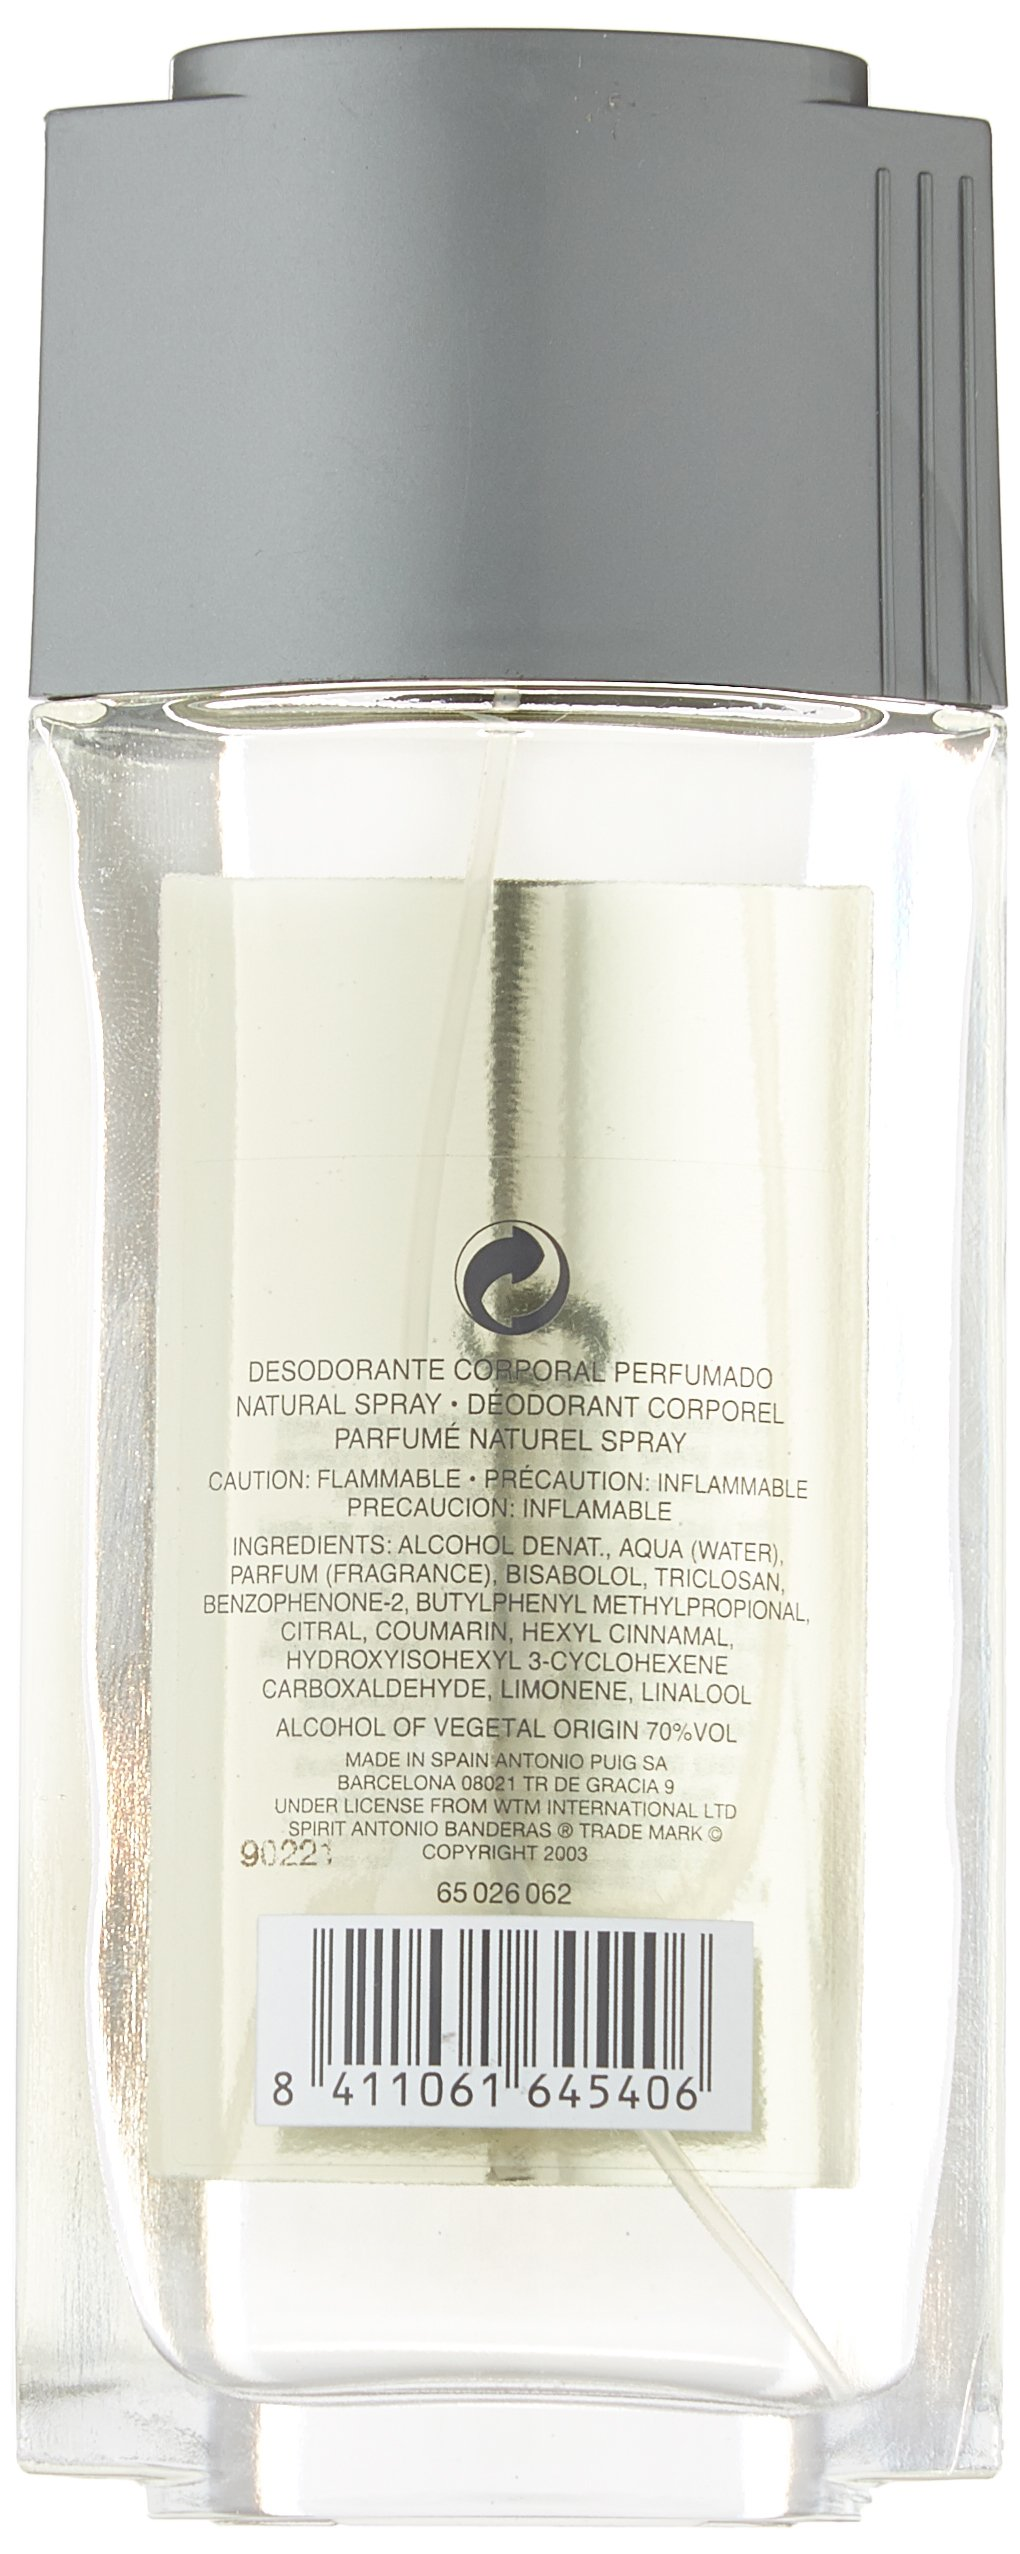 Antonio Banderas Spirit Perfumed Body Deodorant Spray for Men, 2.5 Ounce by Antonio Banderas (Image #1)